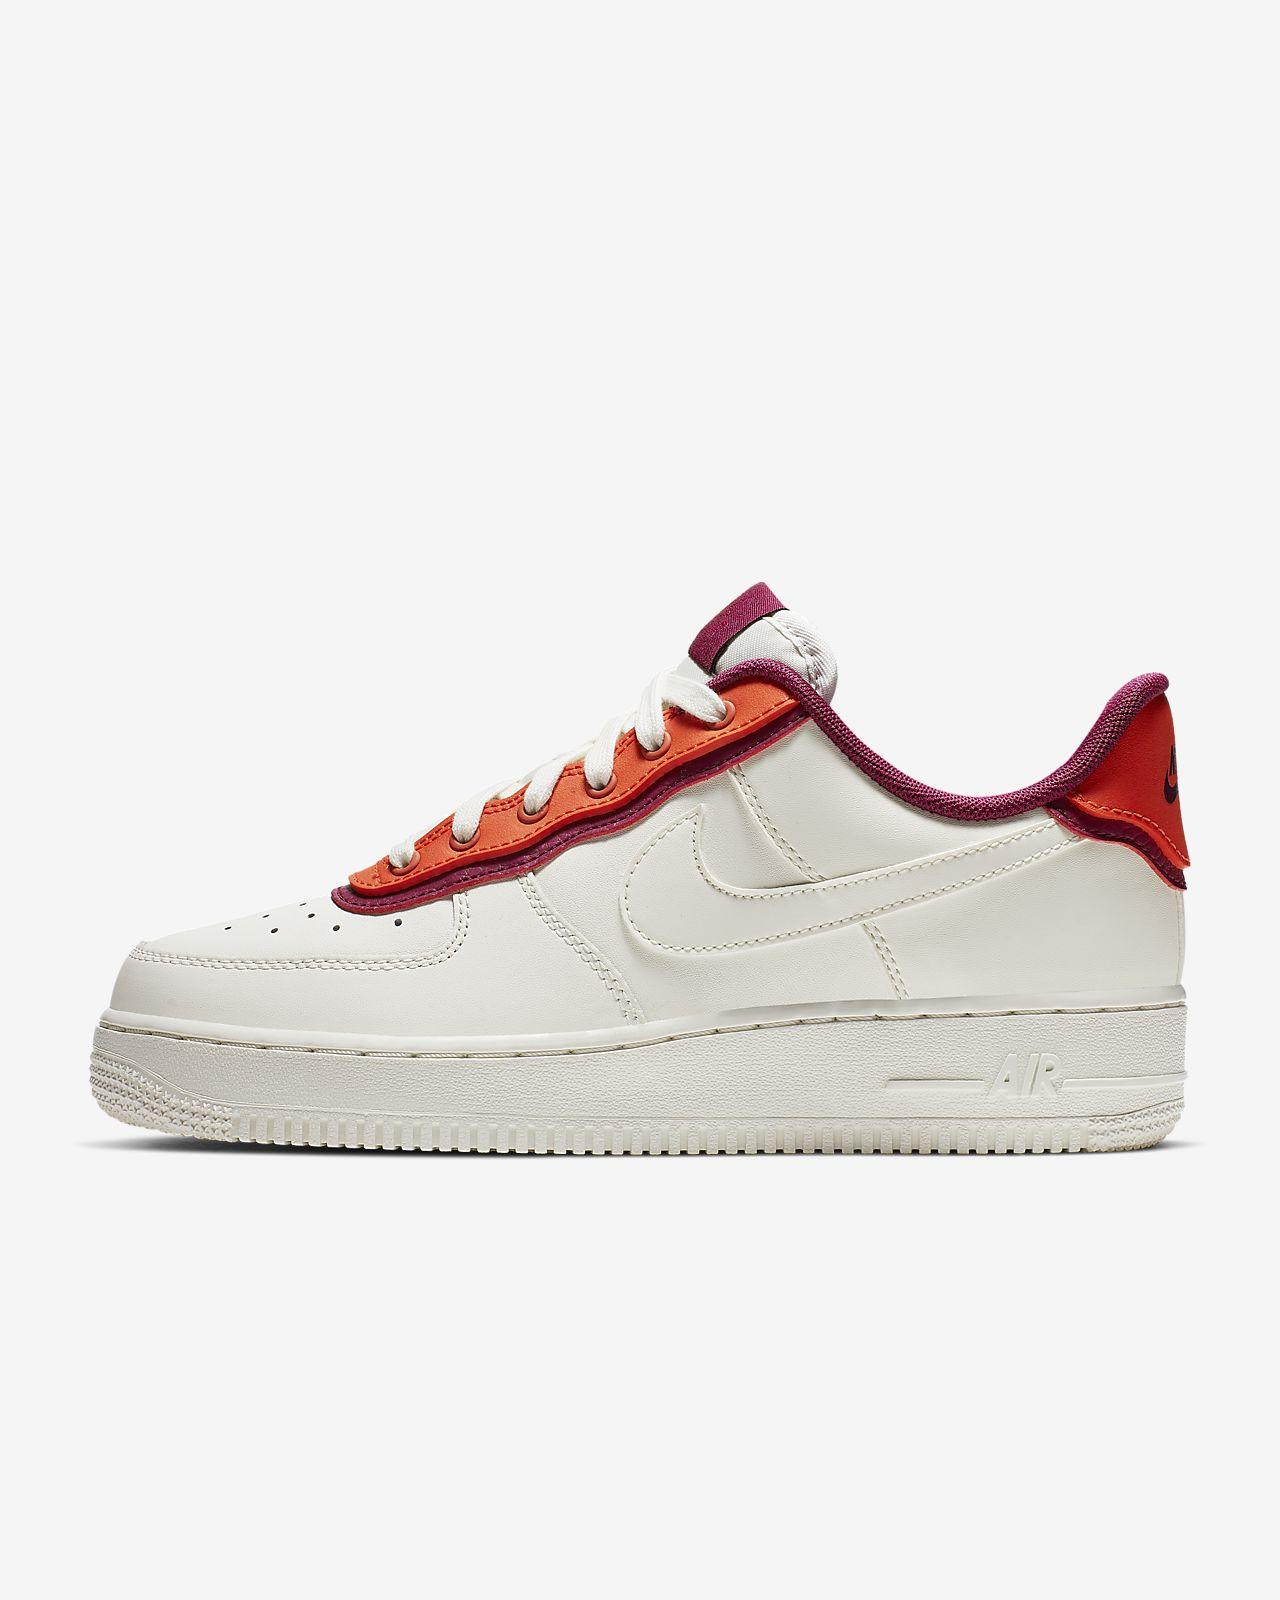 ef57d26c Sko Nike Air Force 1 '07 SE för kvinnor. Nike.com SE